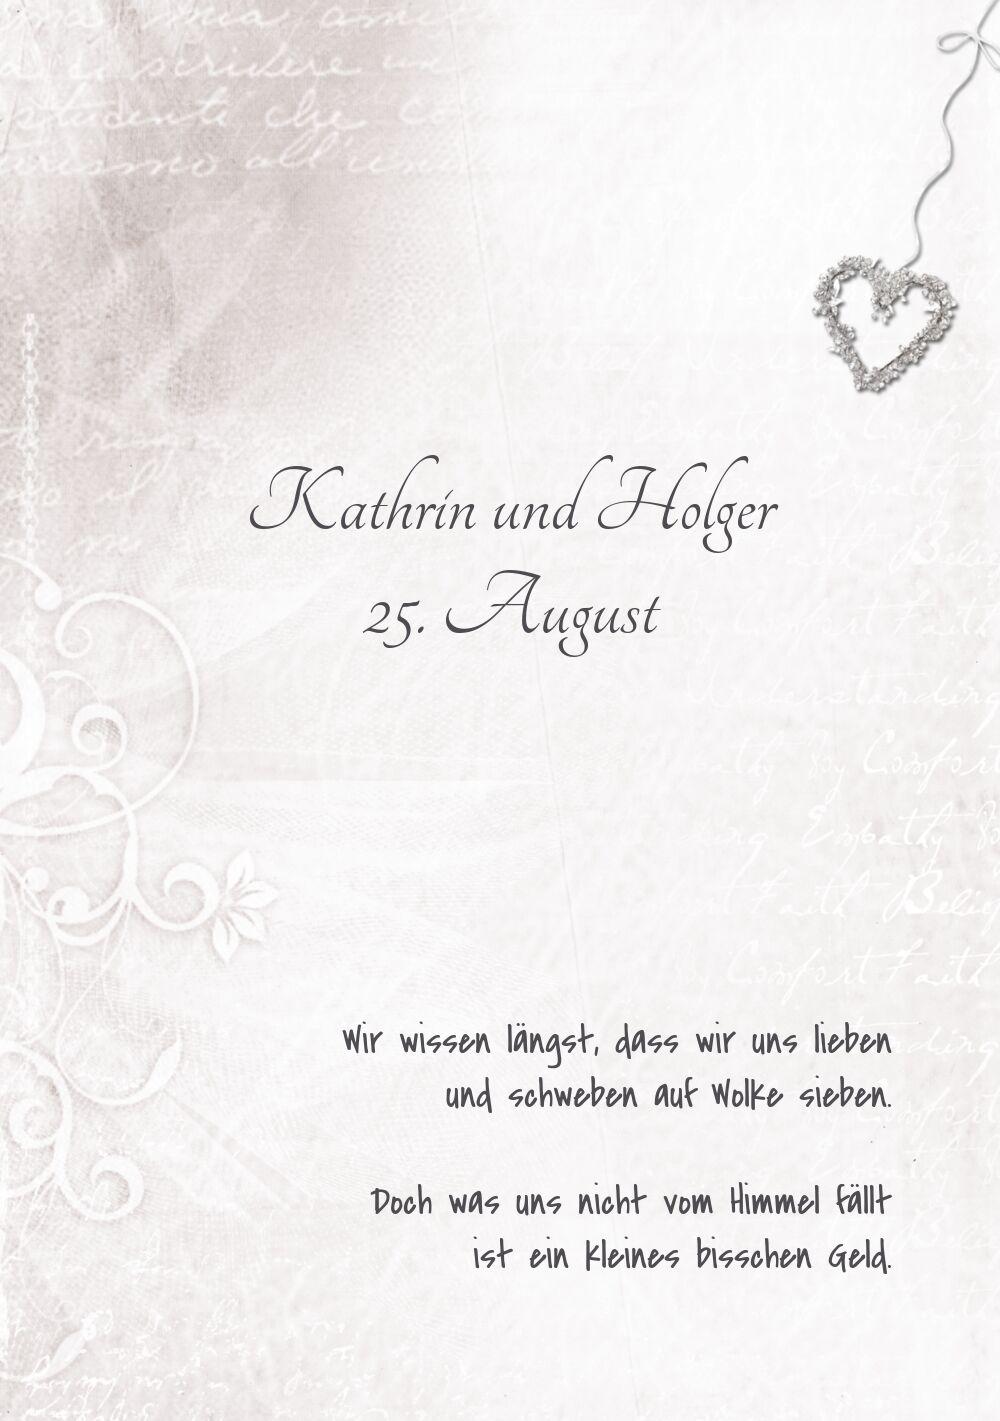 Ansicht 4 - Hochzeit Einladung 2 glamour heart